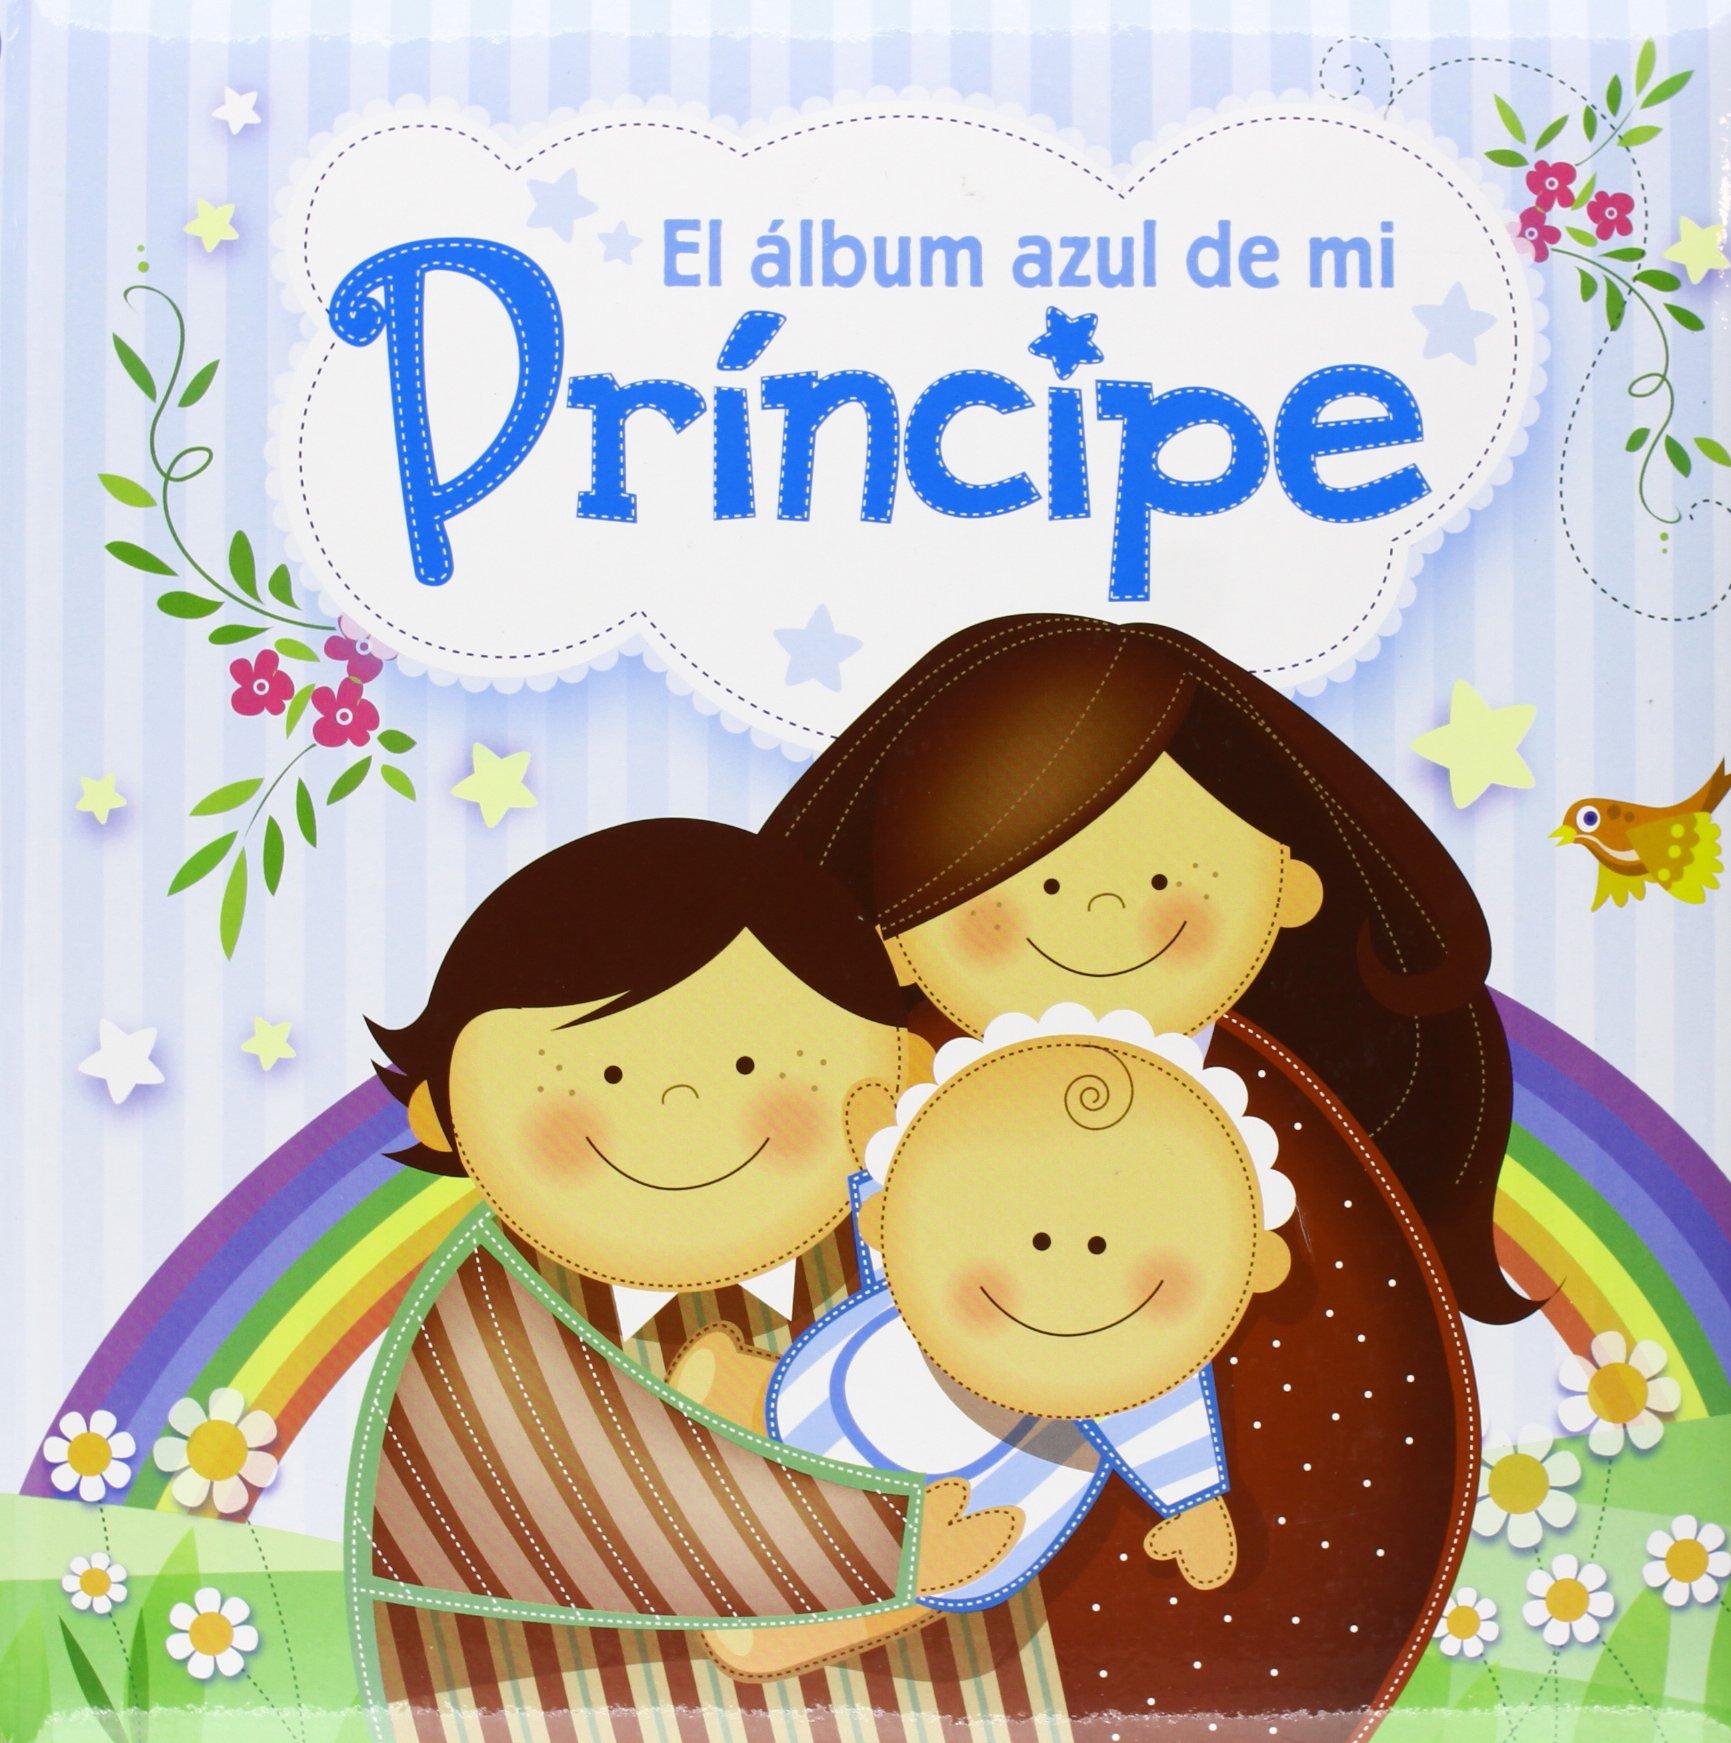 Album azul de mi principe, el ebook